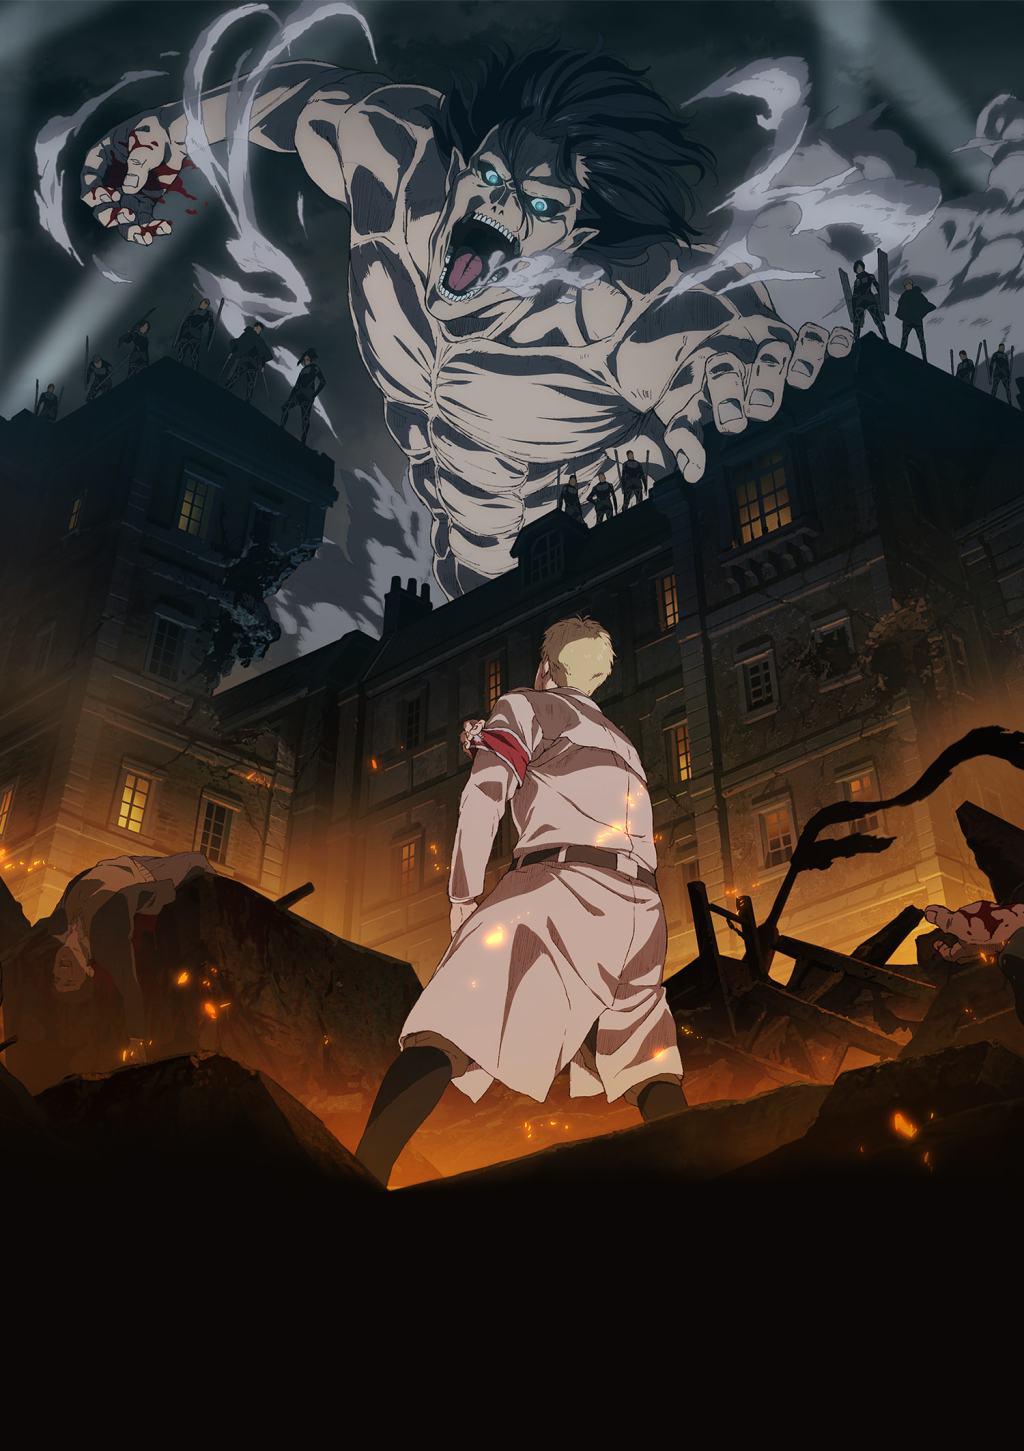 Shingeki no Kyojin The Final Season PV, Staff and Cast Revealed